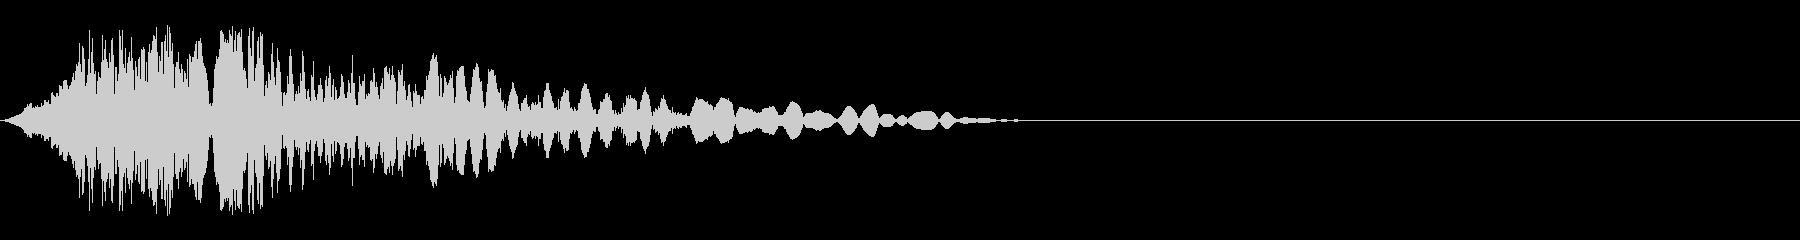 重量感のあるパンチ音04(+風切り)の未再生の波形